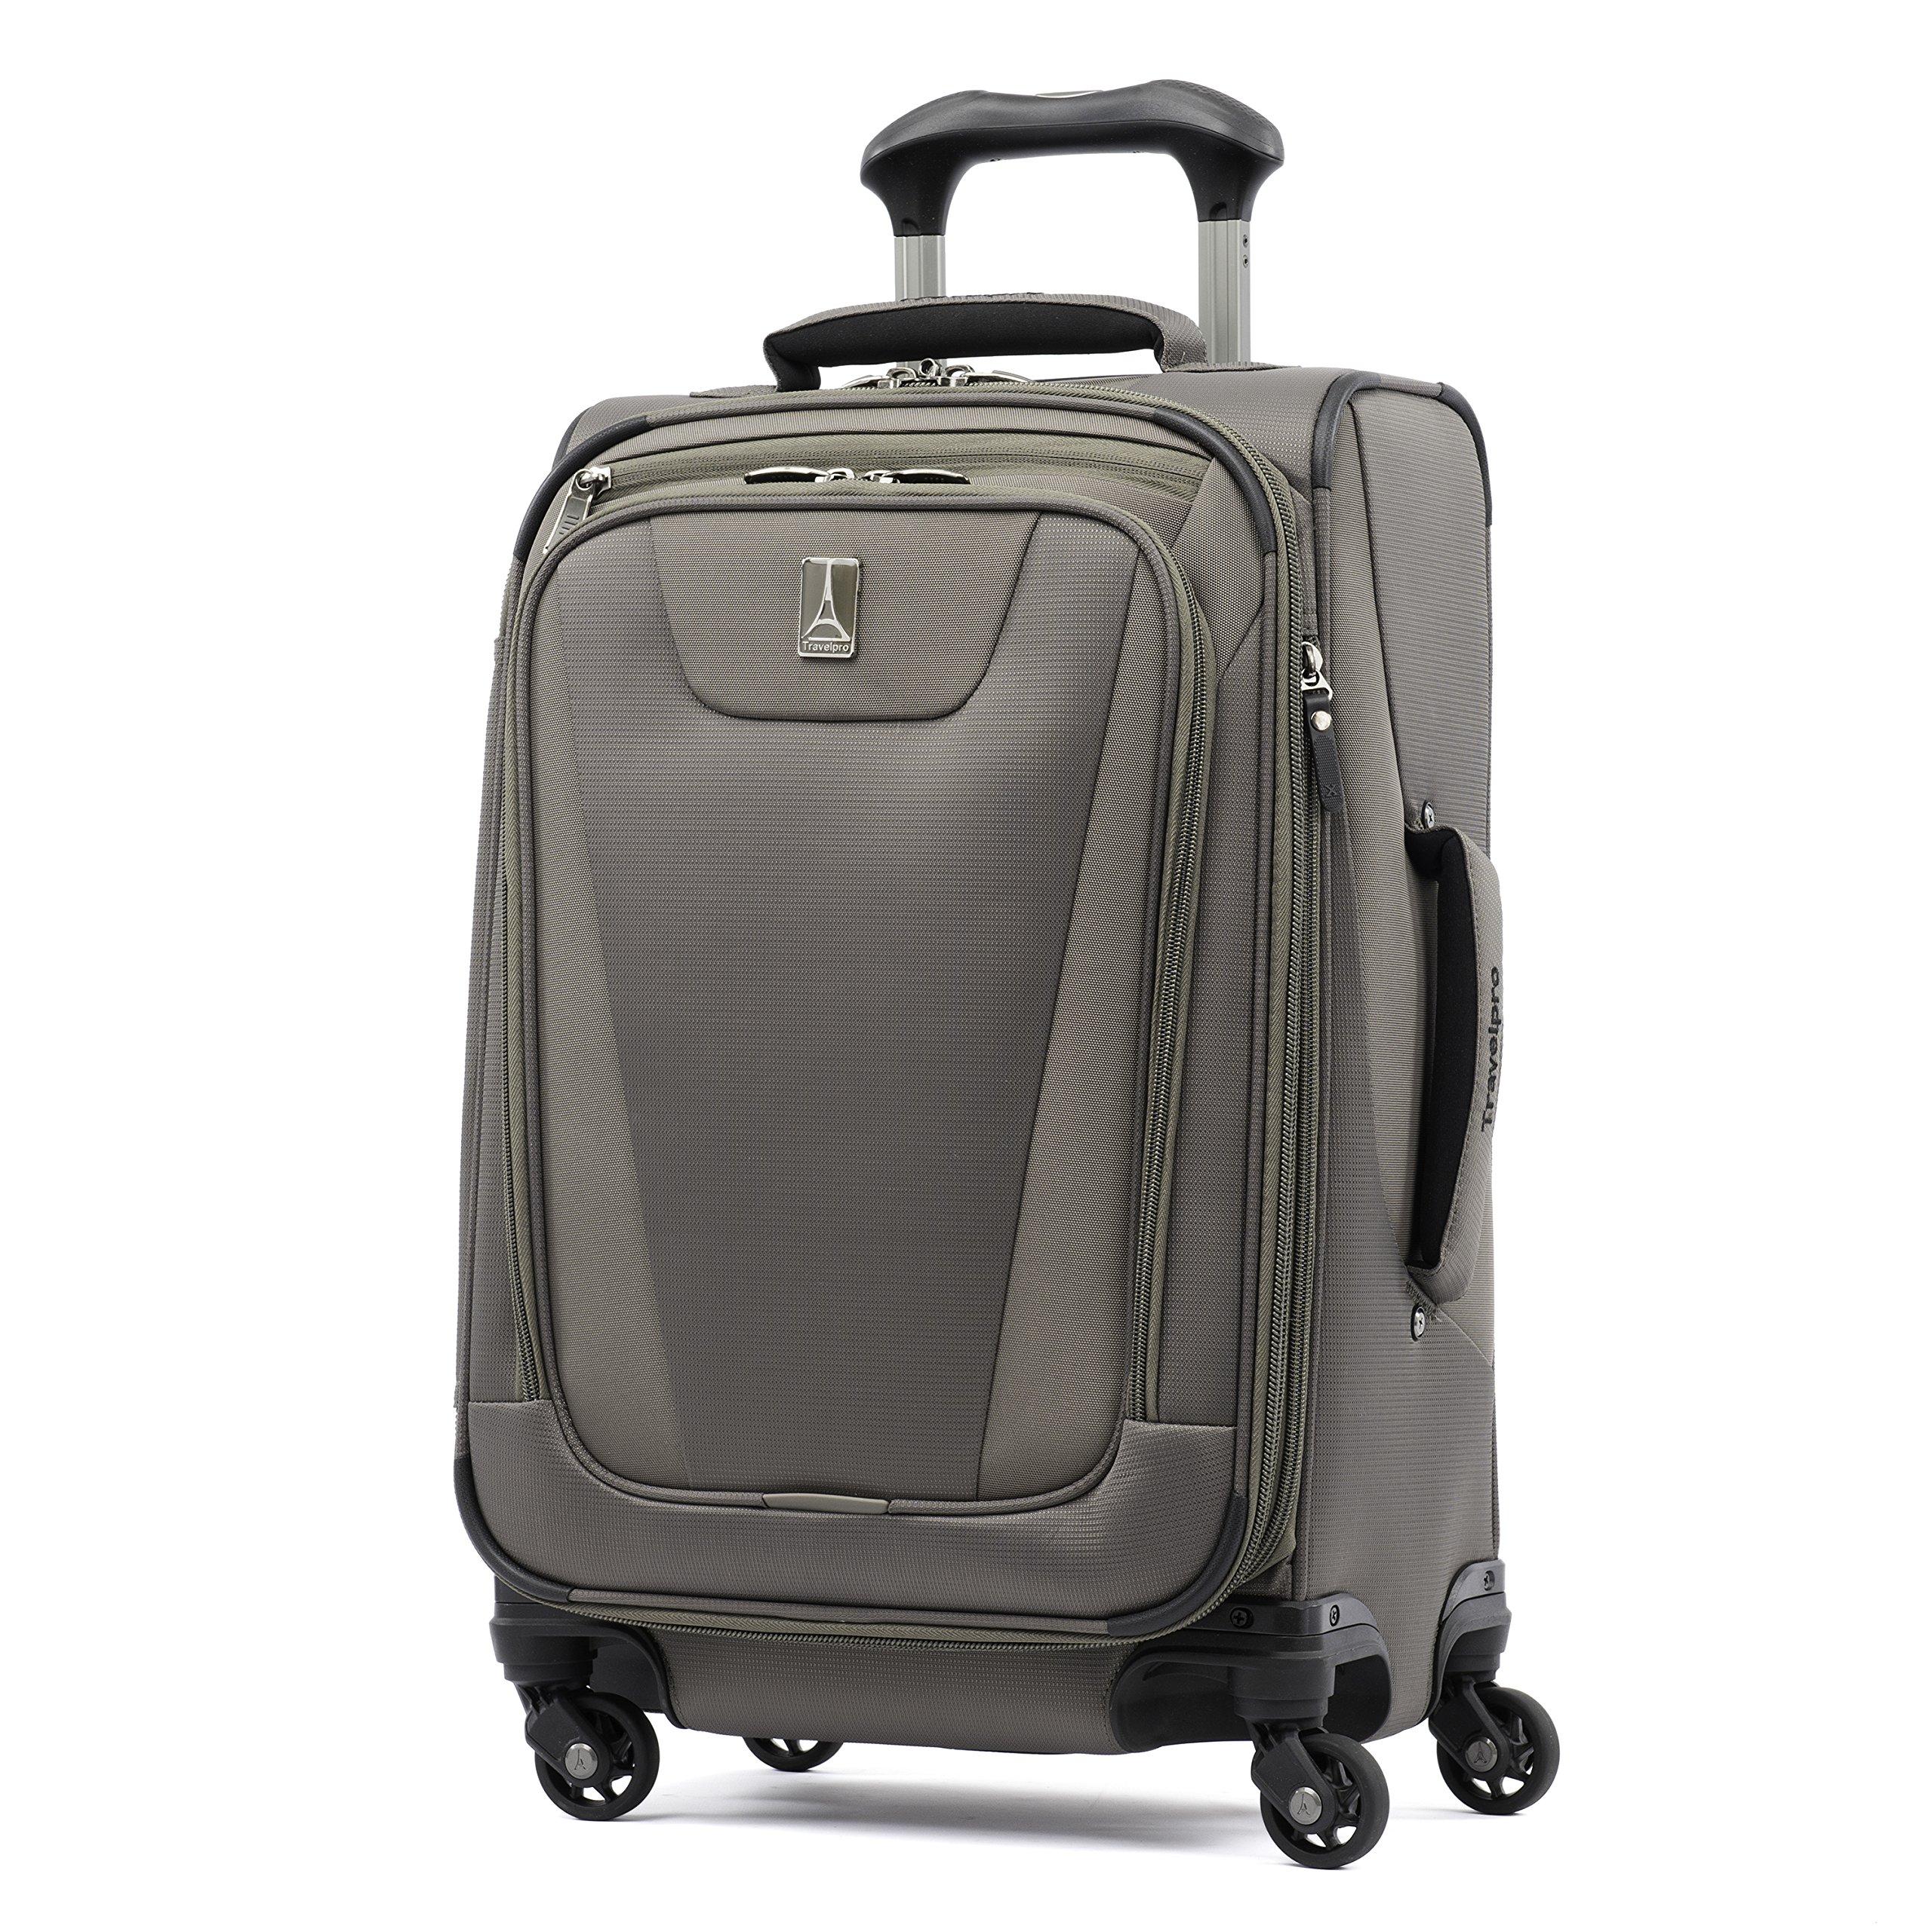 Travelpro Maxlite 4 21'' Exp Spinner, Slate Green